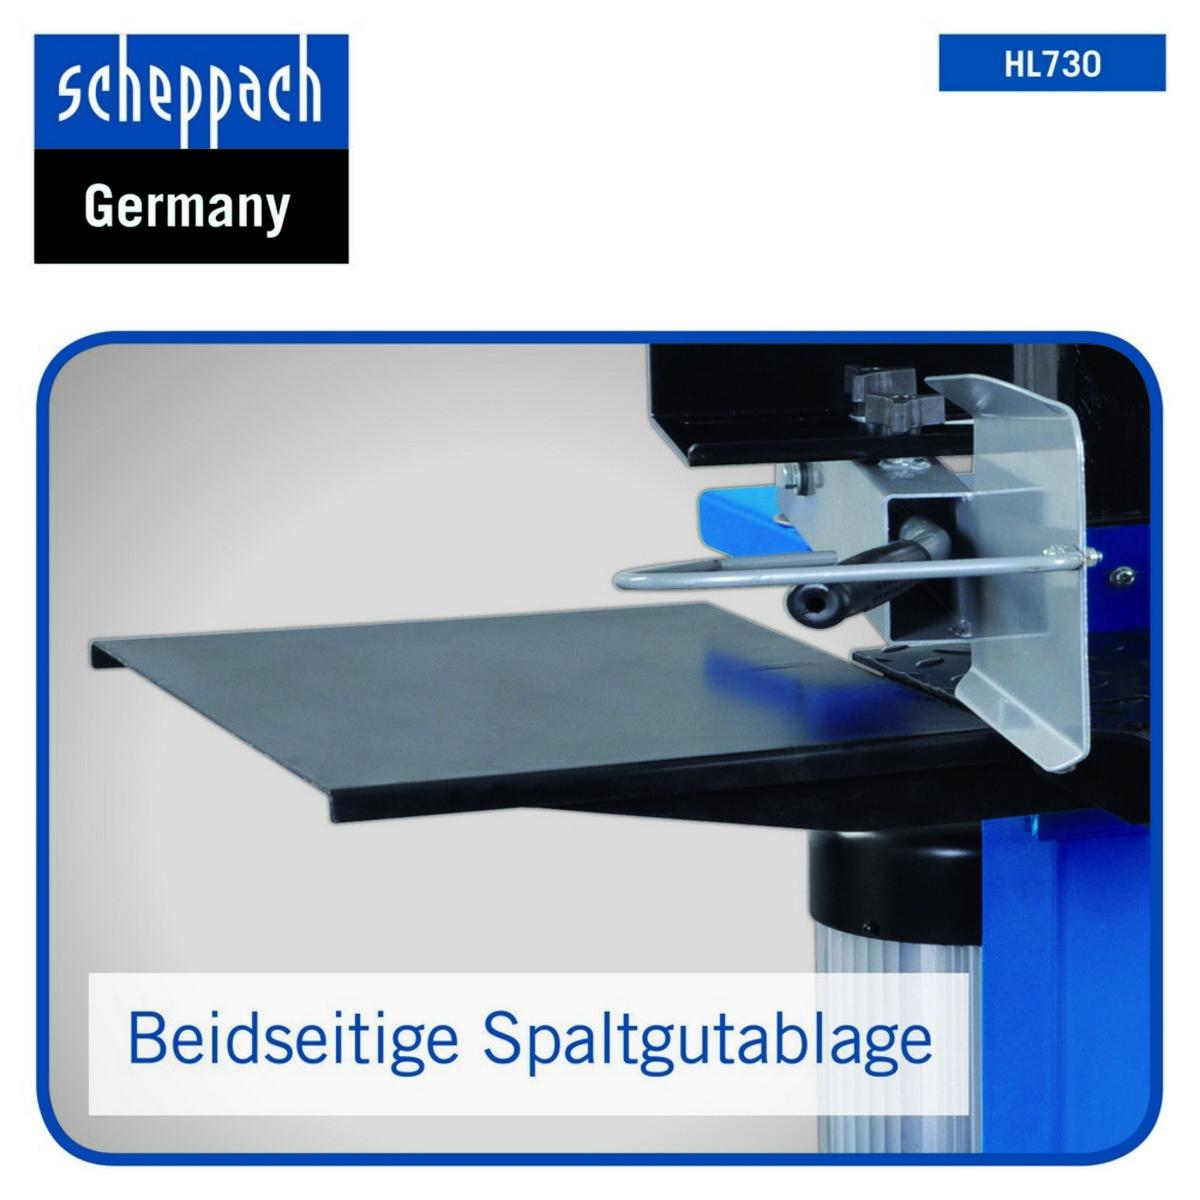 Bild 5 von Scheppach HL730 | 7 T Holzspalter 230 V